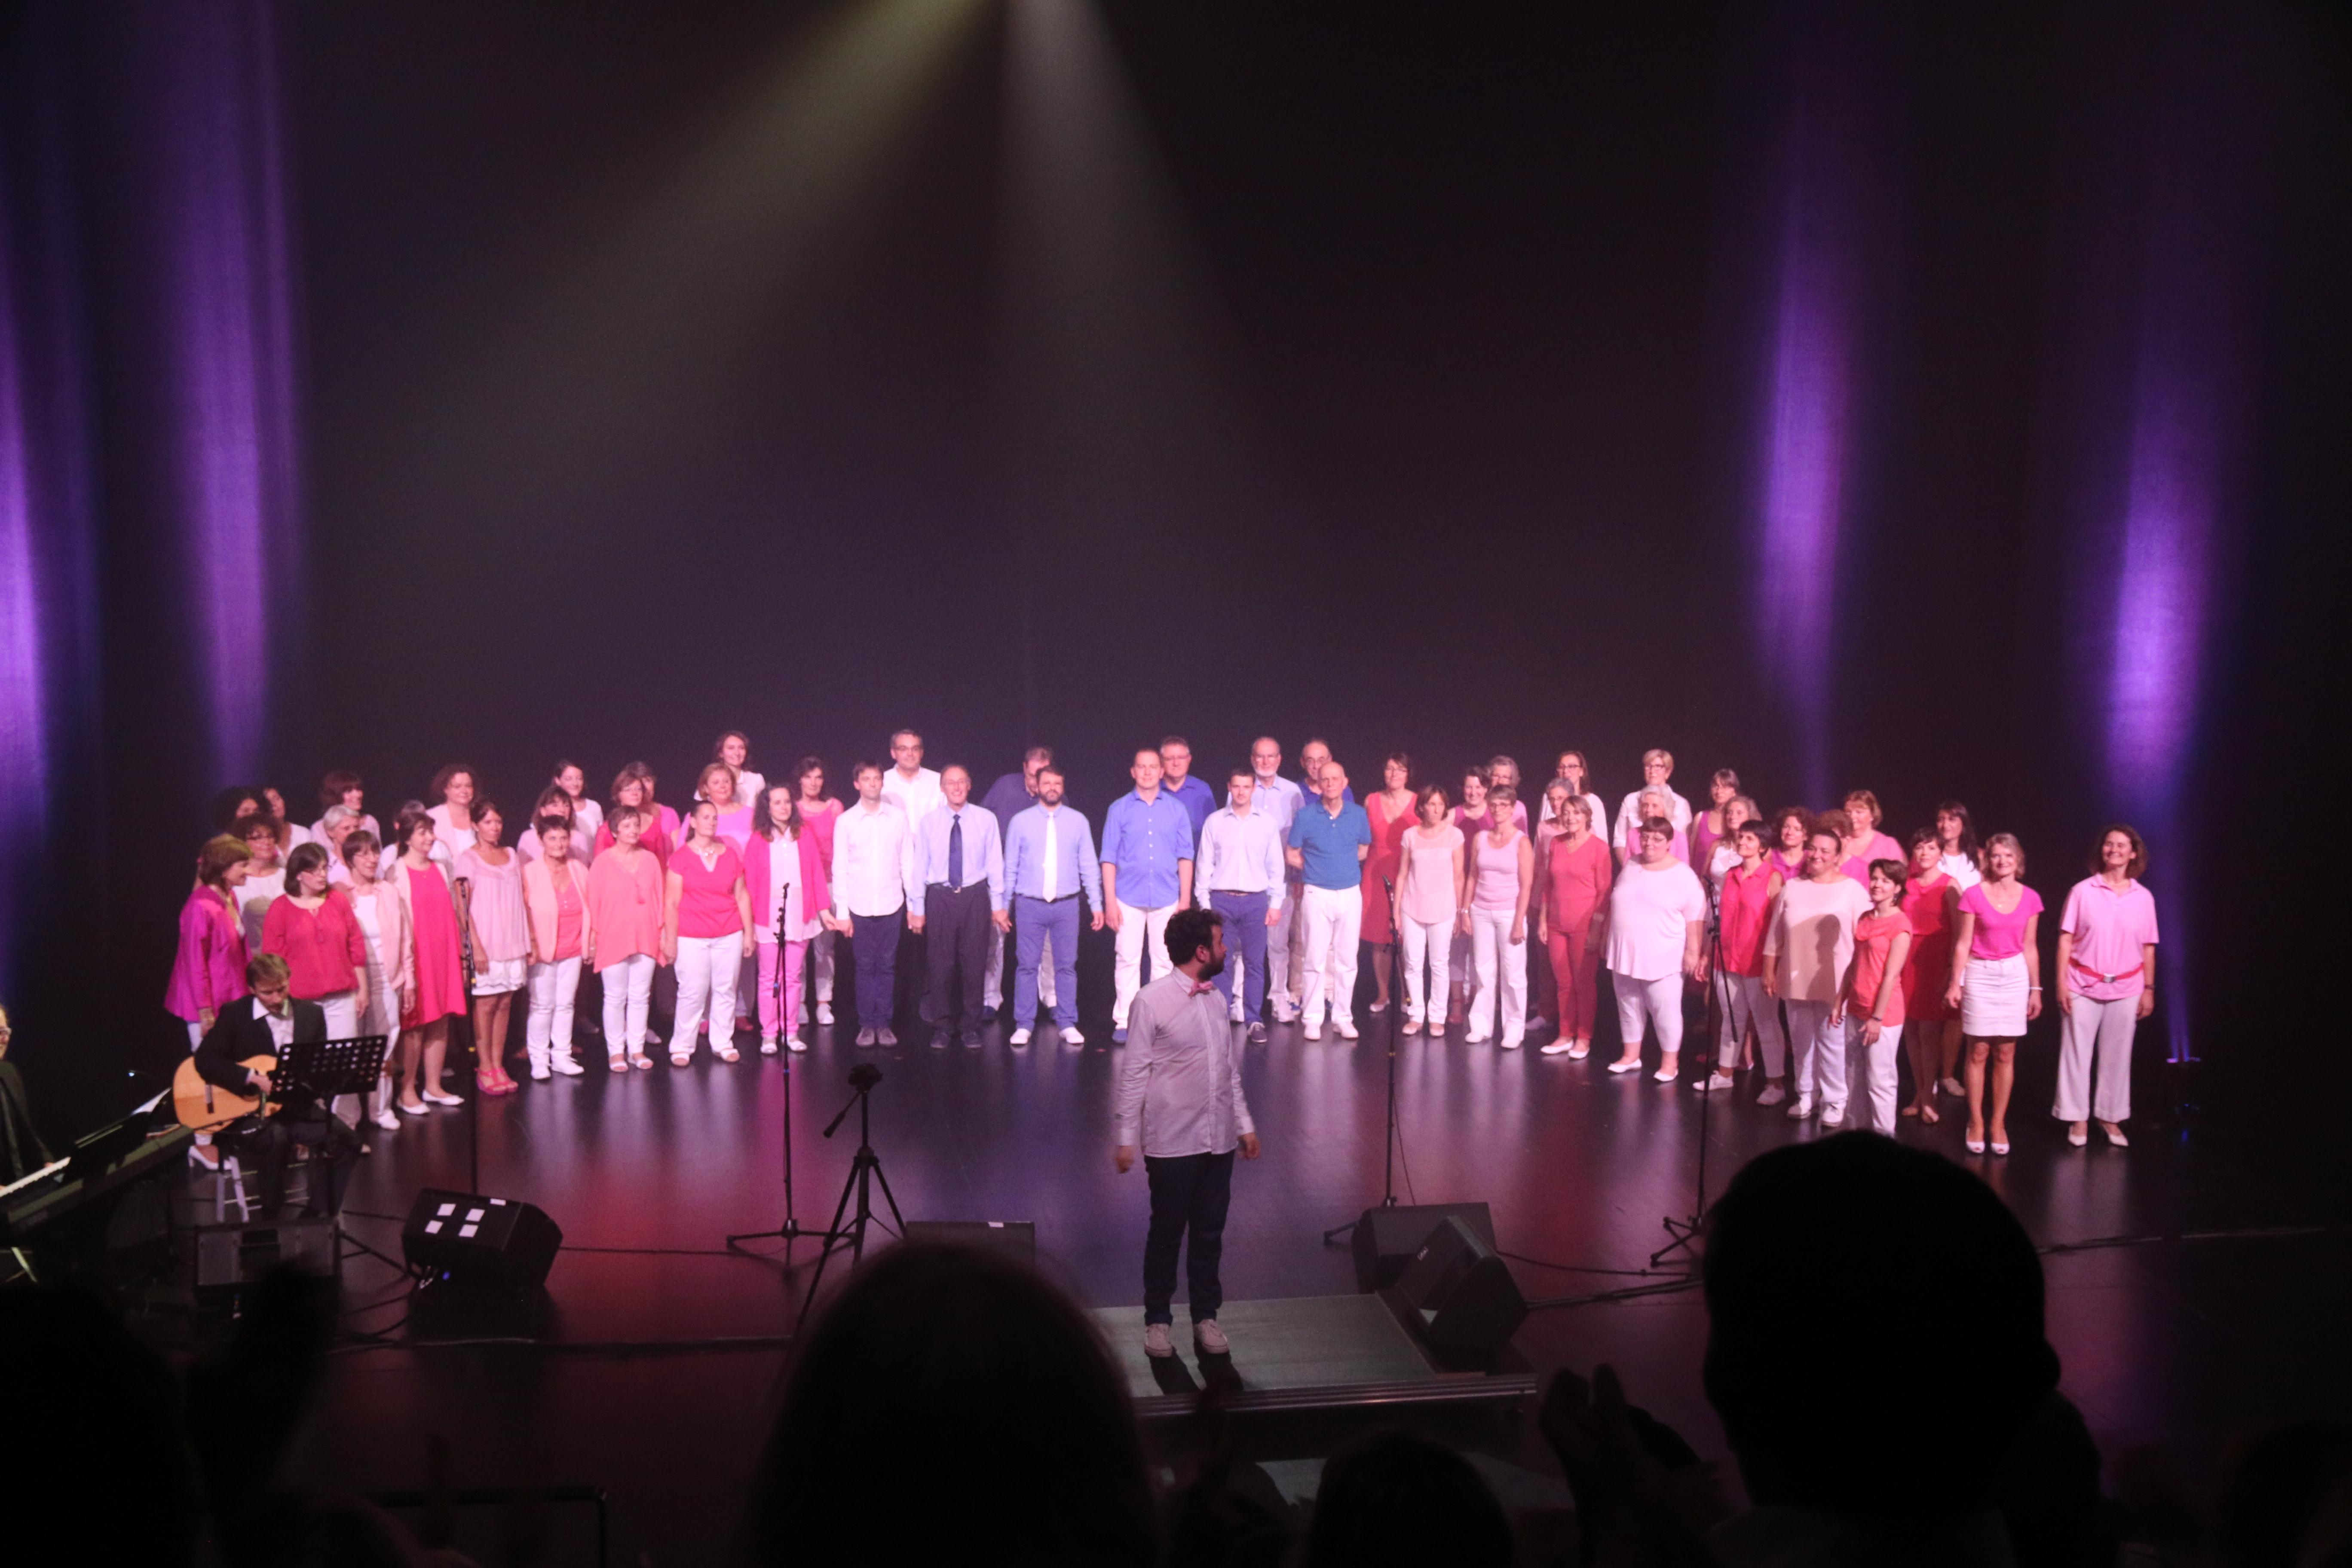 """Concert """"Des gars des filles"""" - 4 juin 2016 - Courbevoie"""